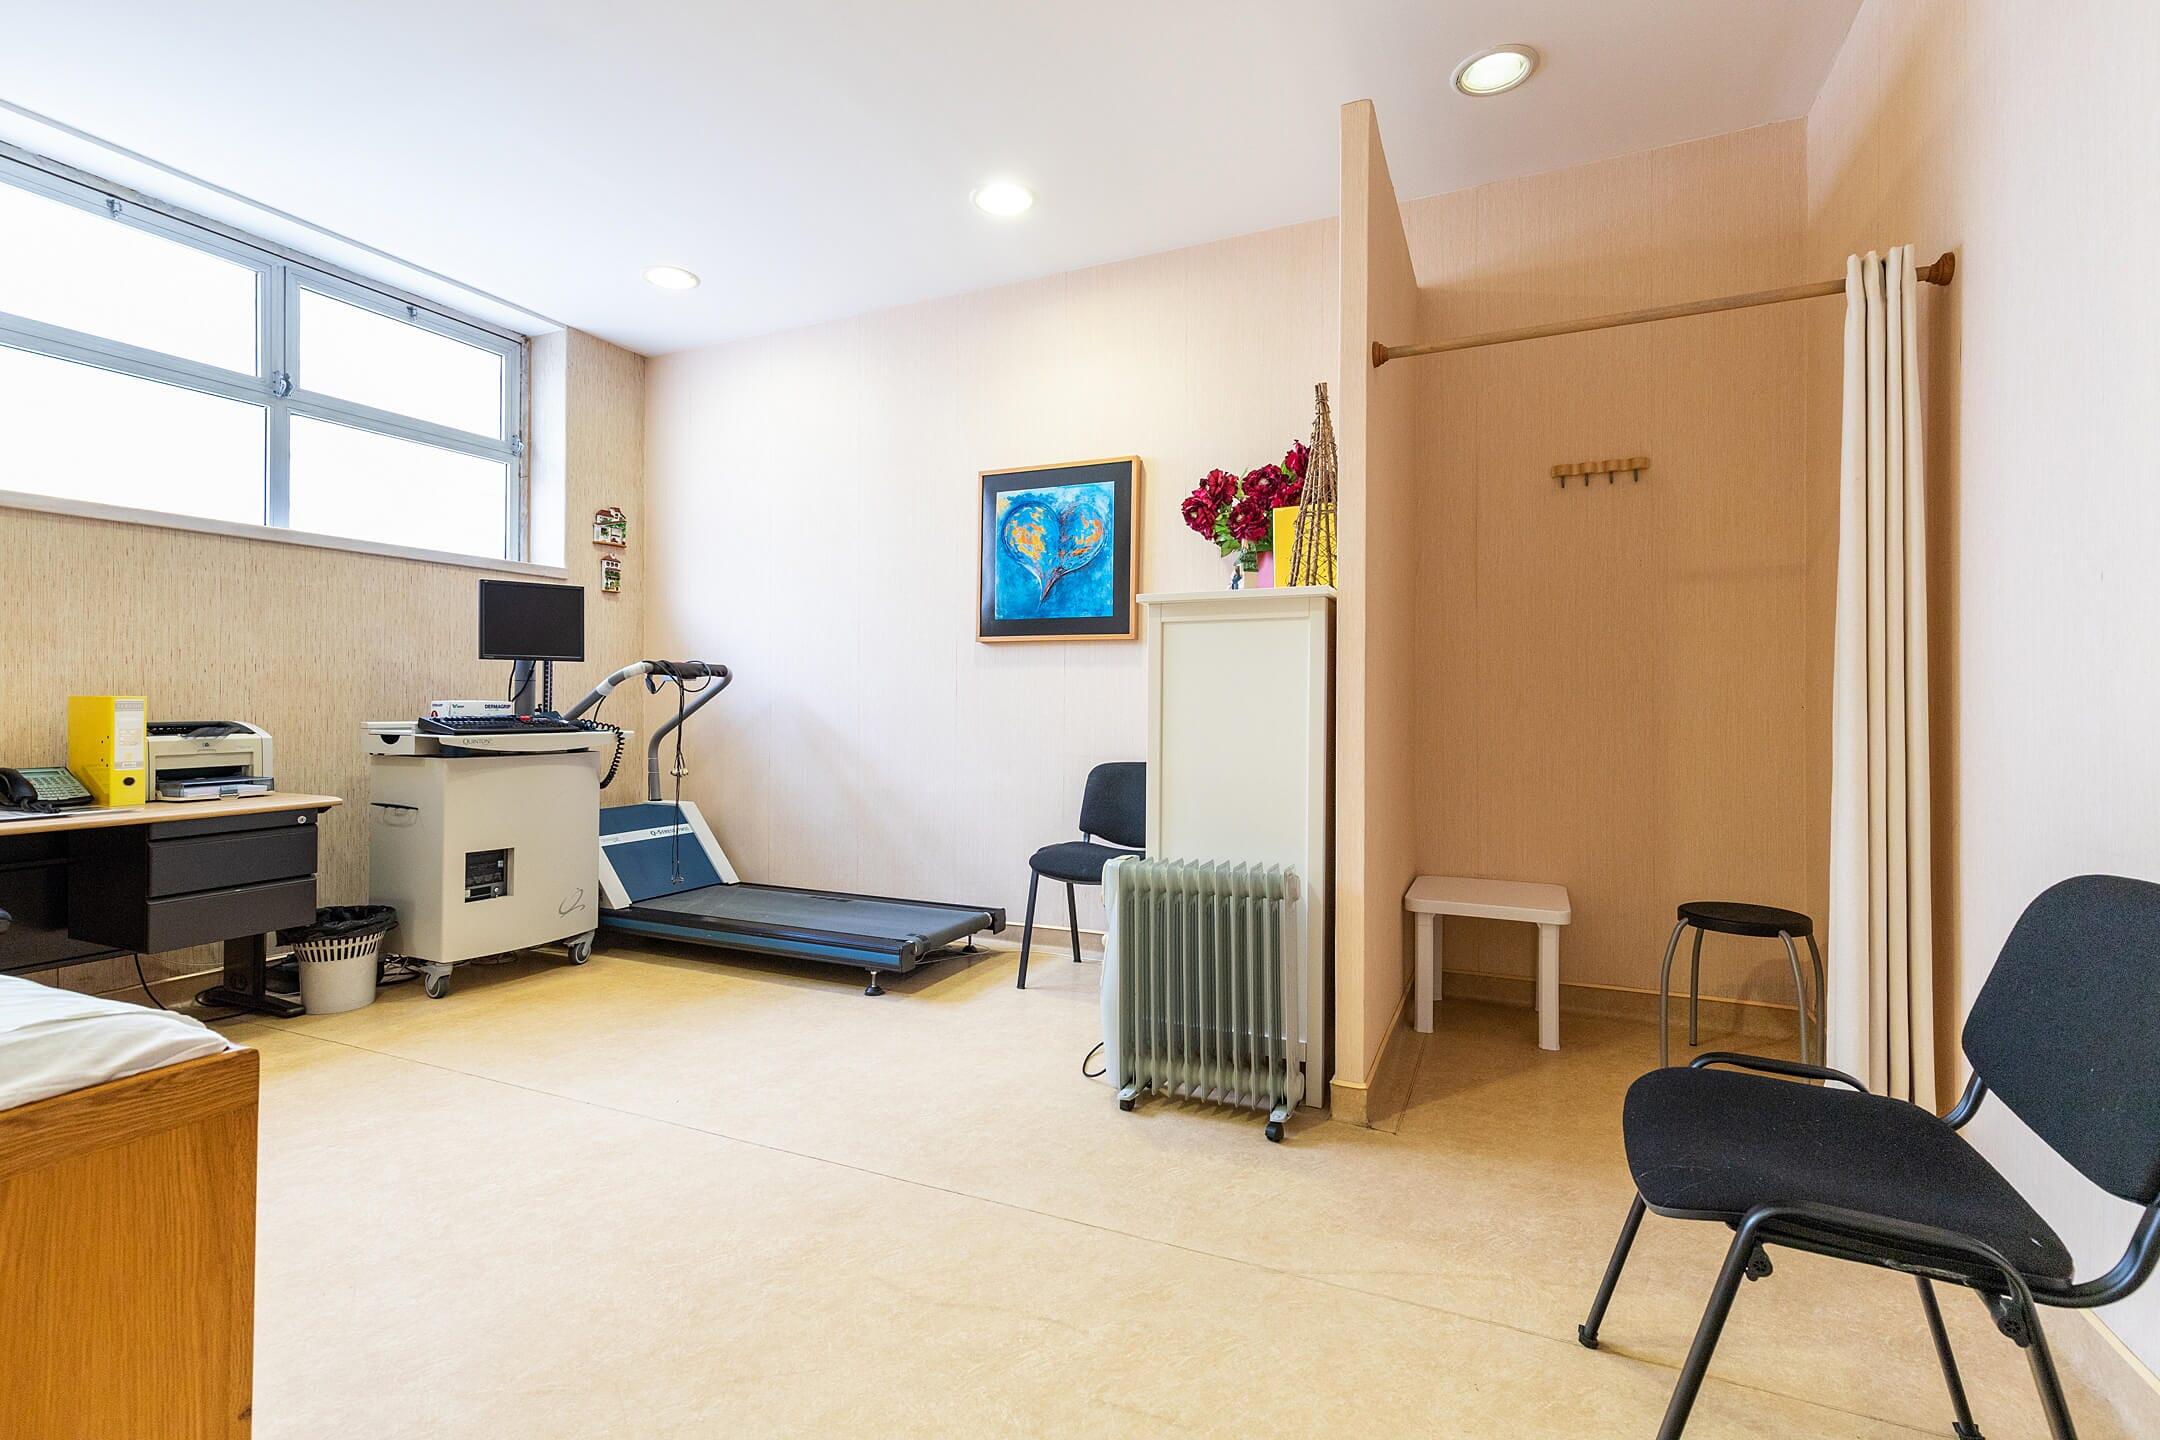 Clinica Médica Coreco